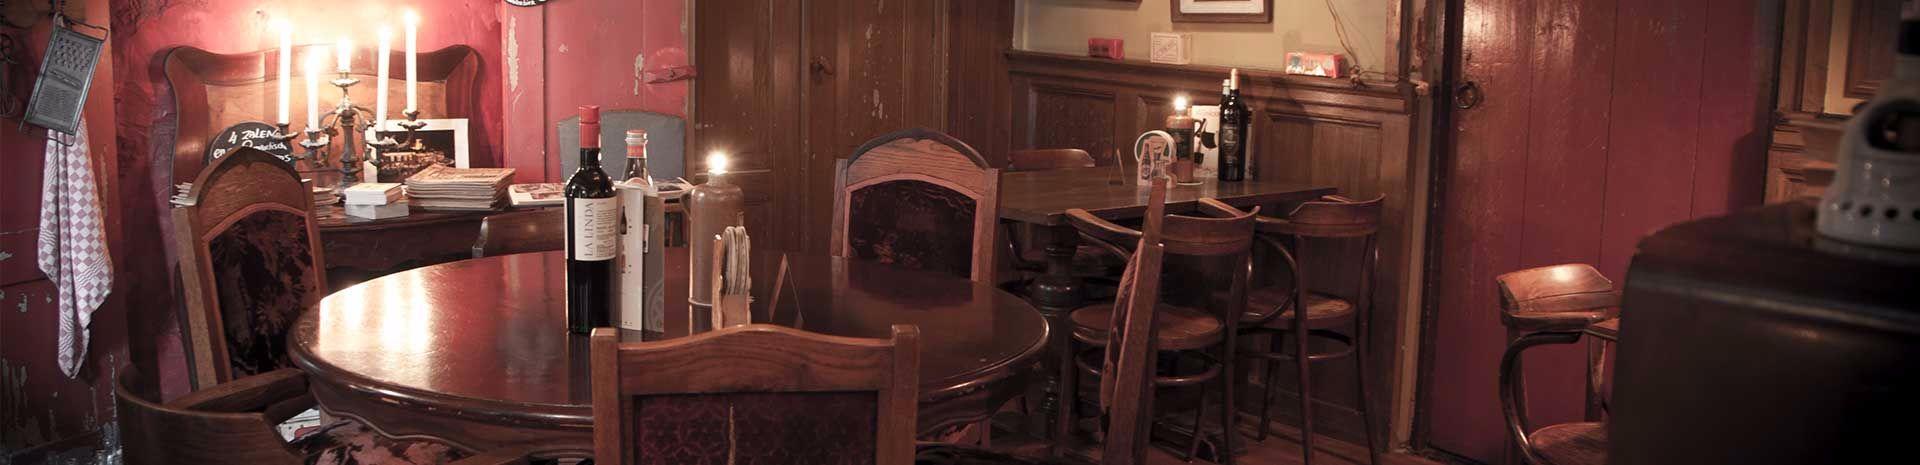 1920x465 restaurant